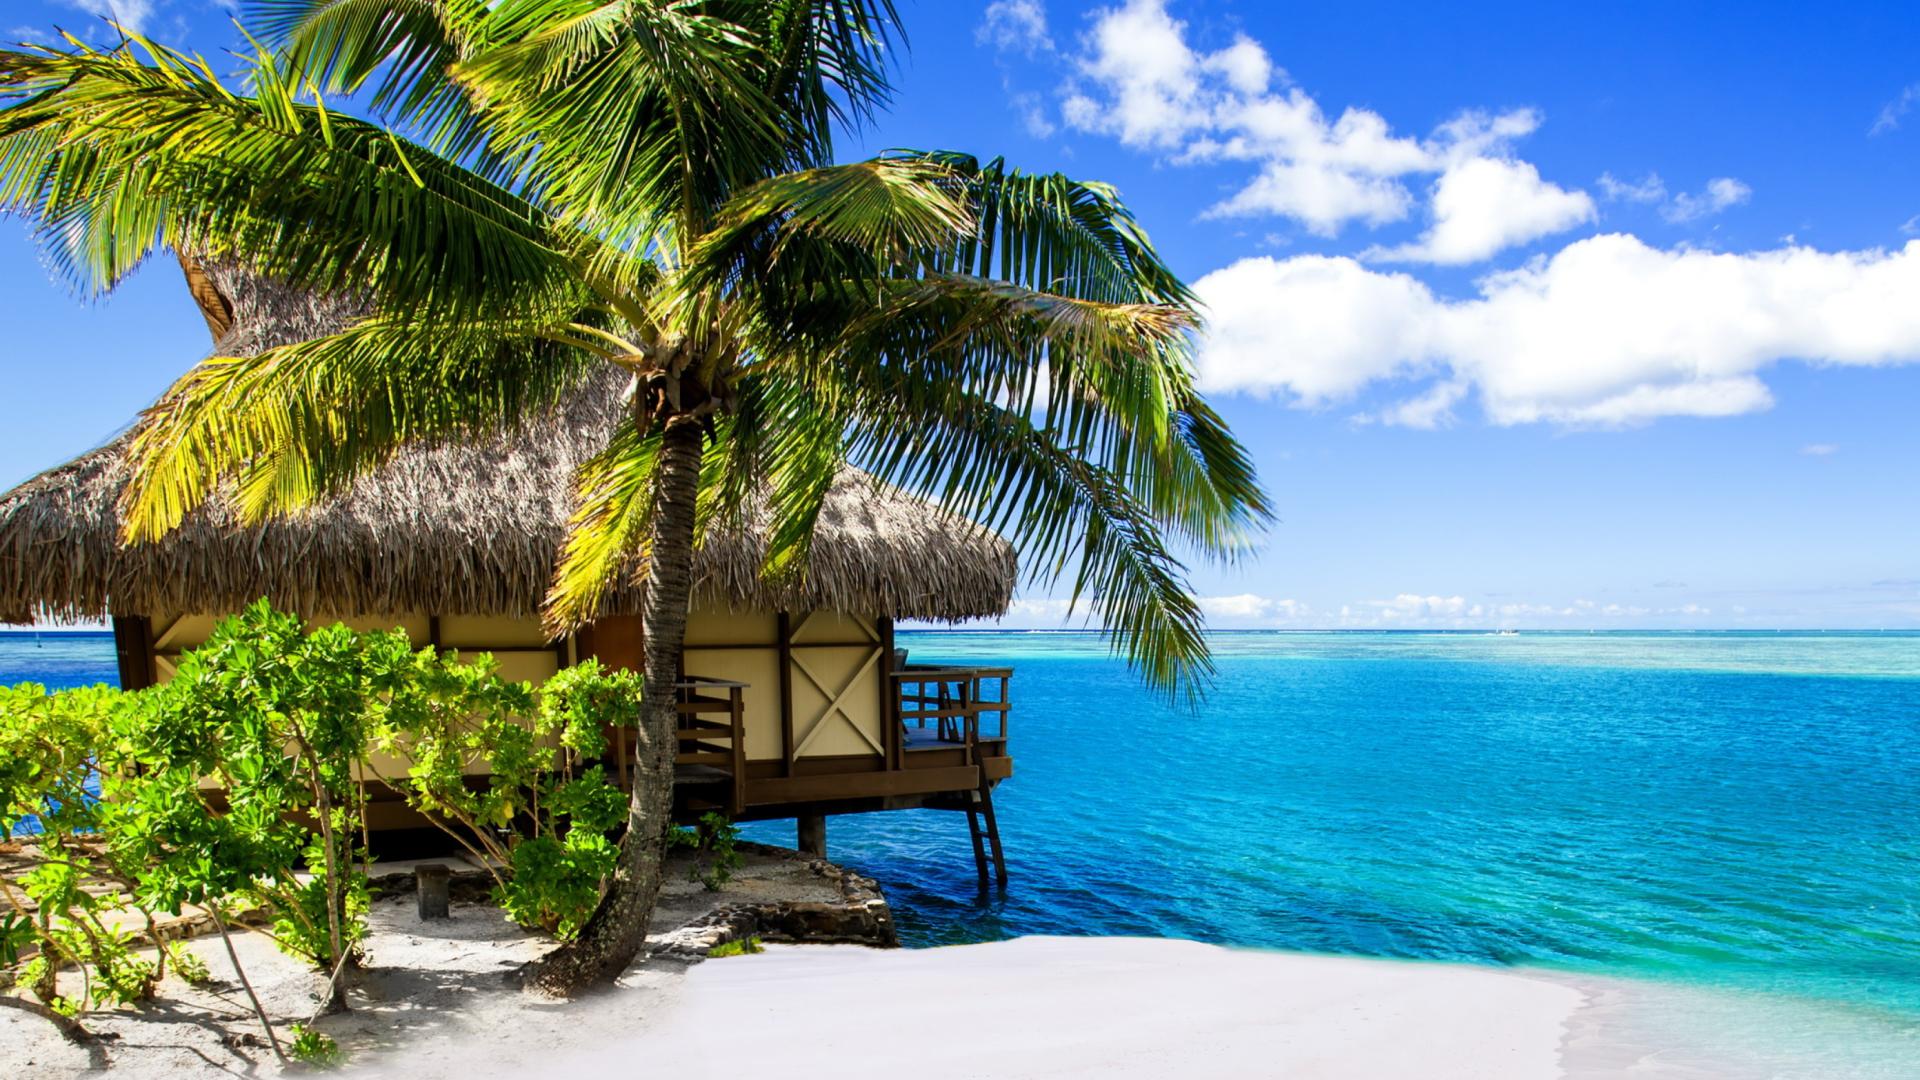 Tropical Paradise Beach Hd Wallpaper For Nexus 7 Screens: Villa Aquamare Wallpaper For Desktop